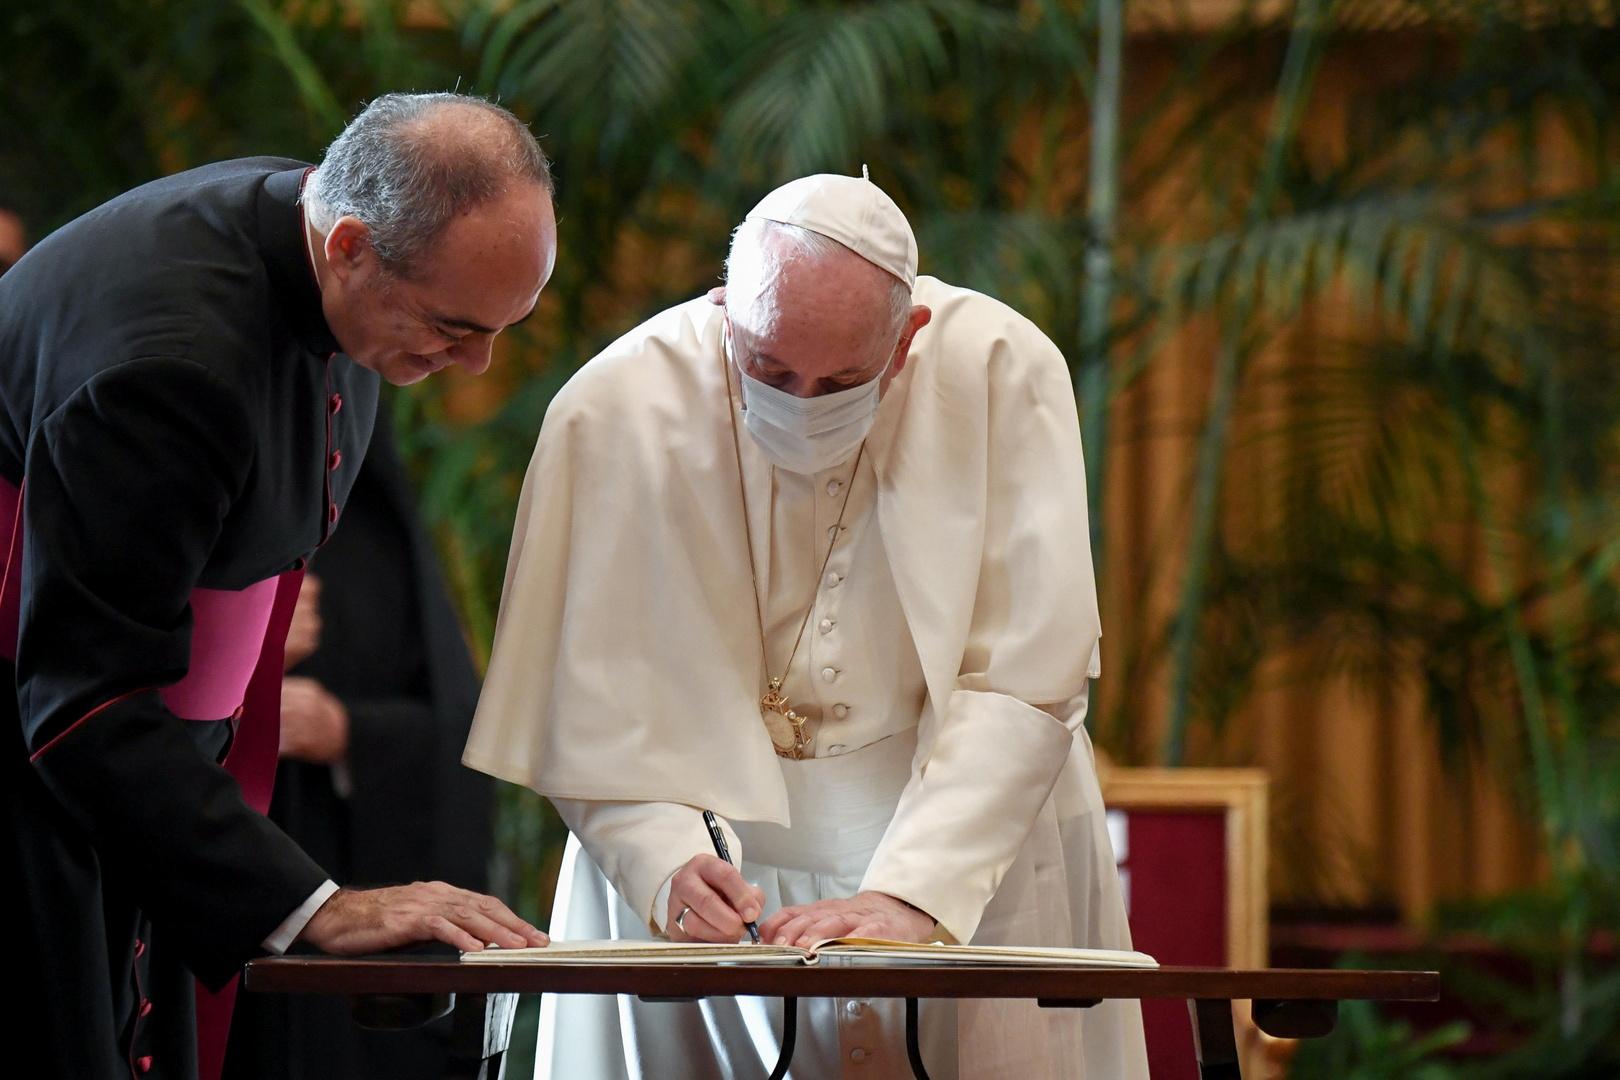 قيادات دينية تدعو إلى تعاون دولي من أجل طاقة نظيفة